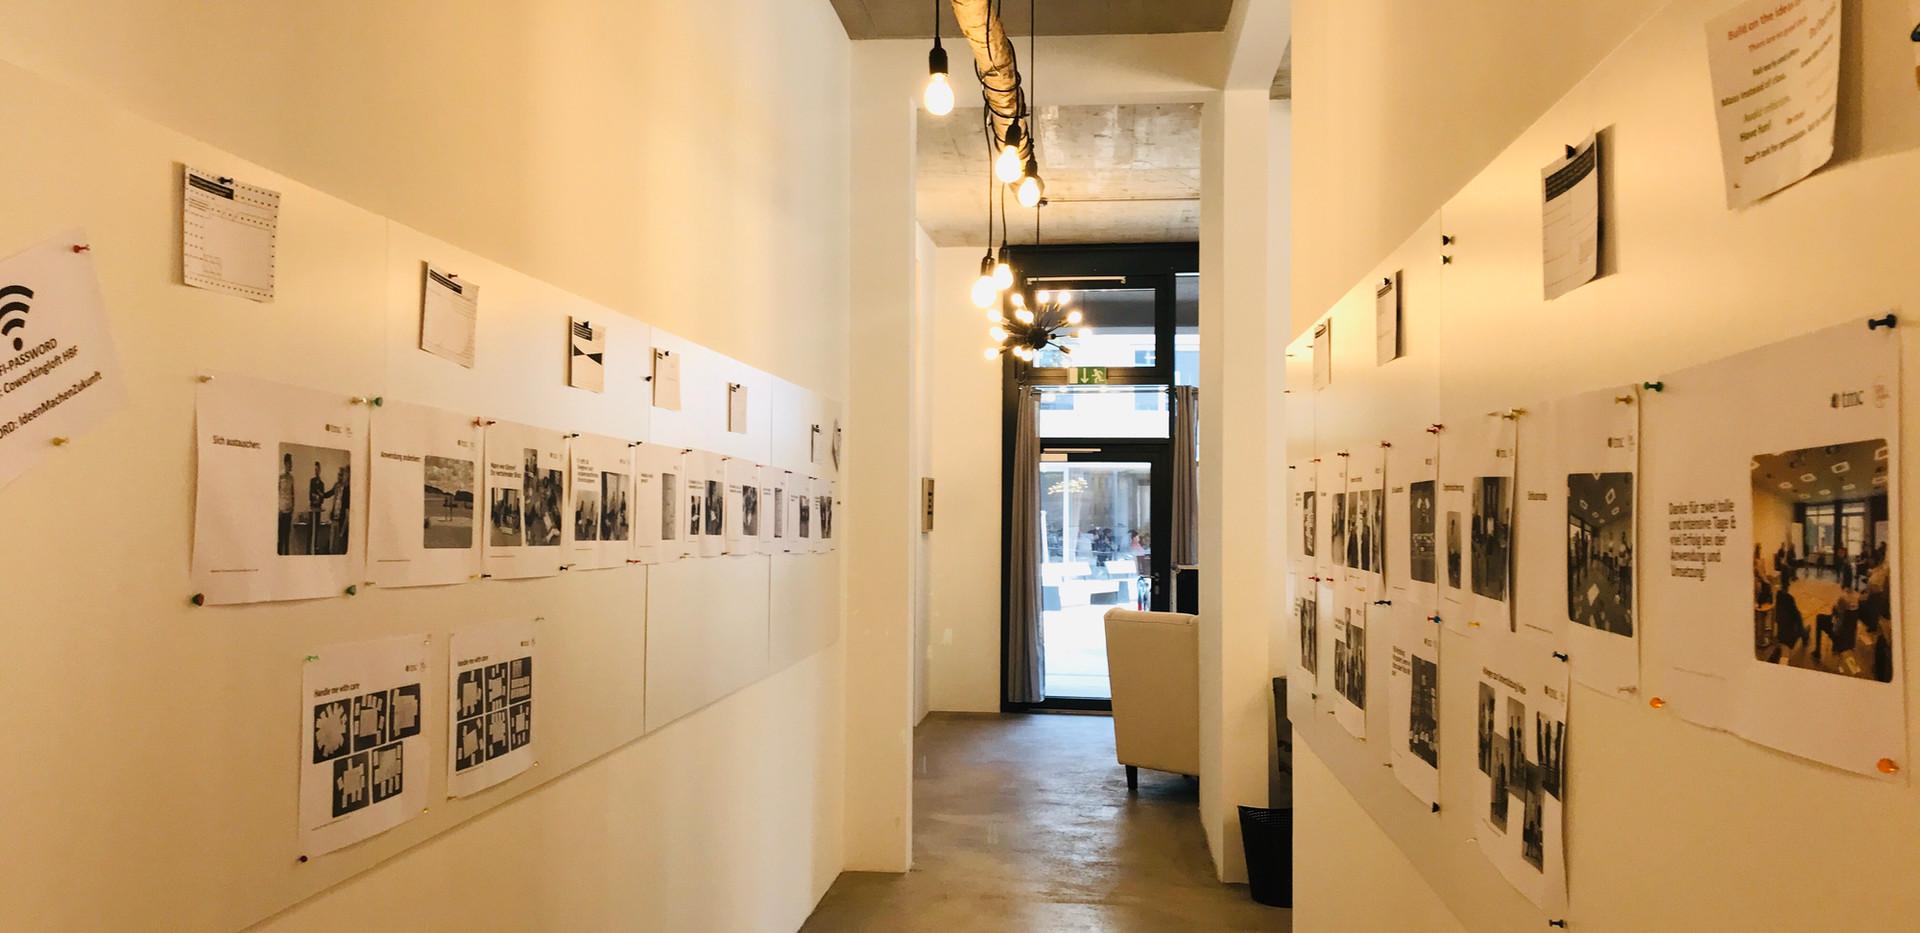 Vertikalflächen in der Workshop Location